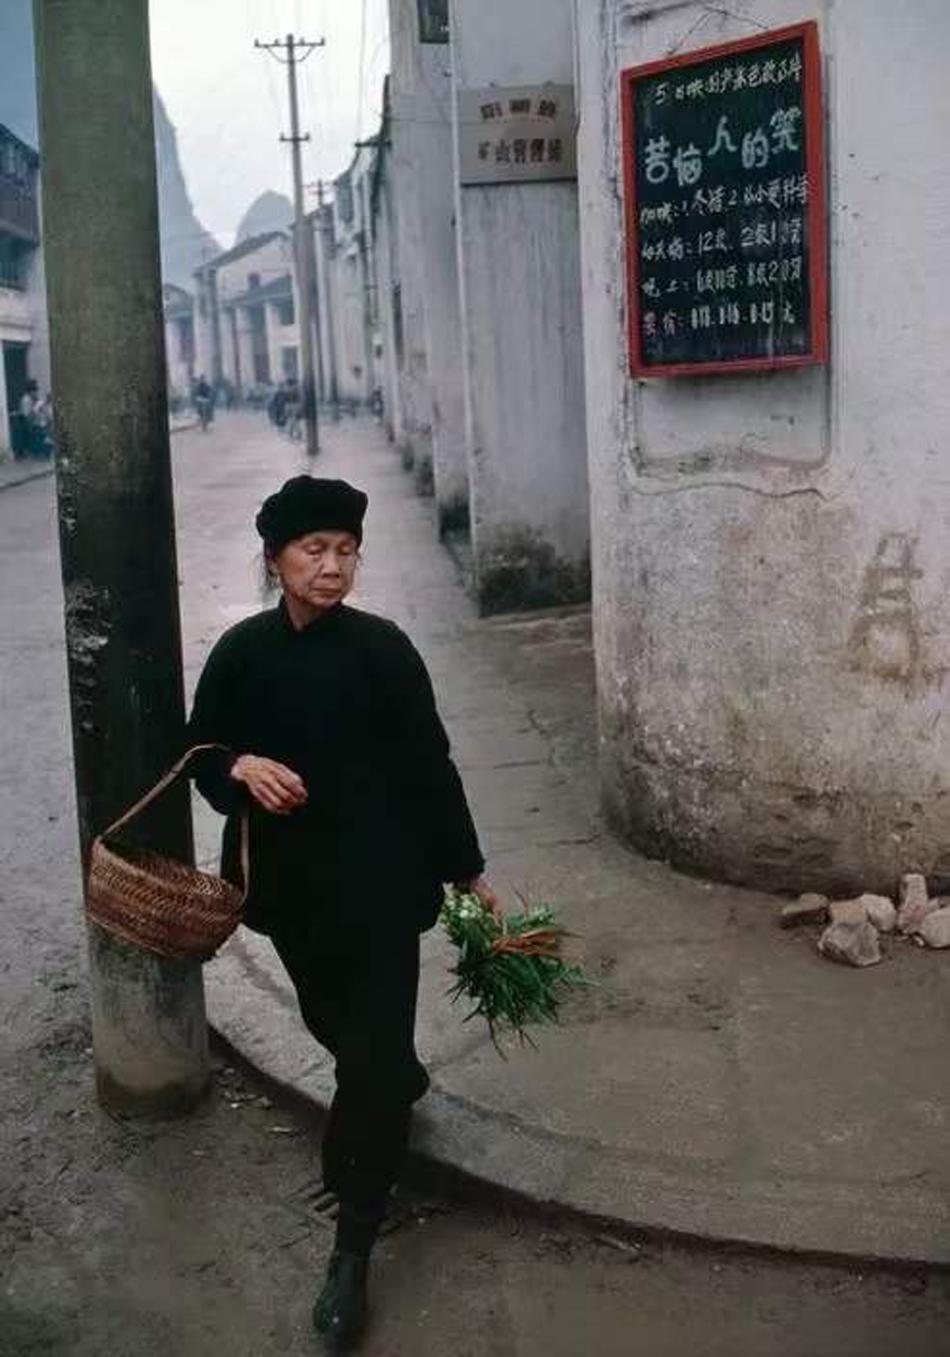 《甜逝世路末路人的乐》电影预告,阳朔,1980 年